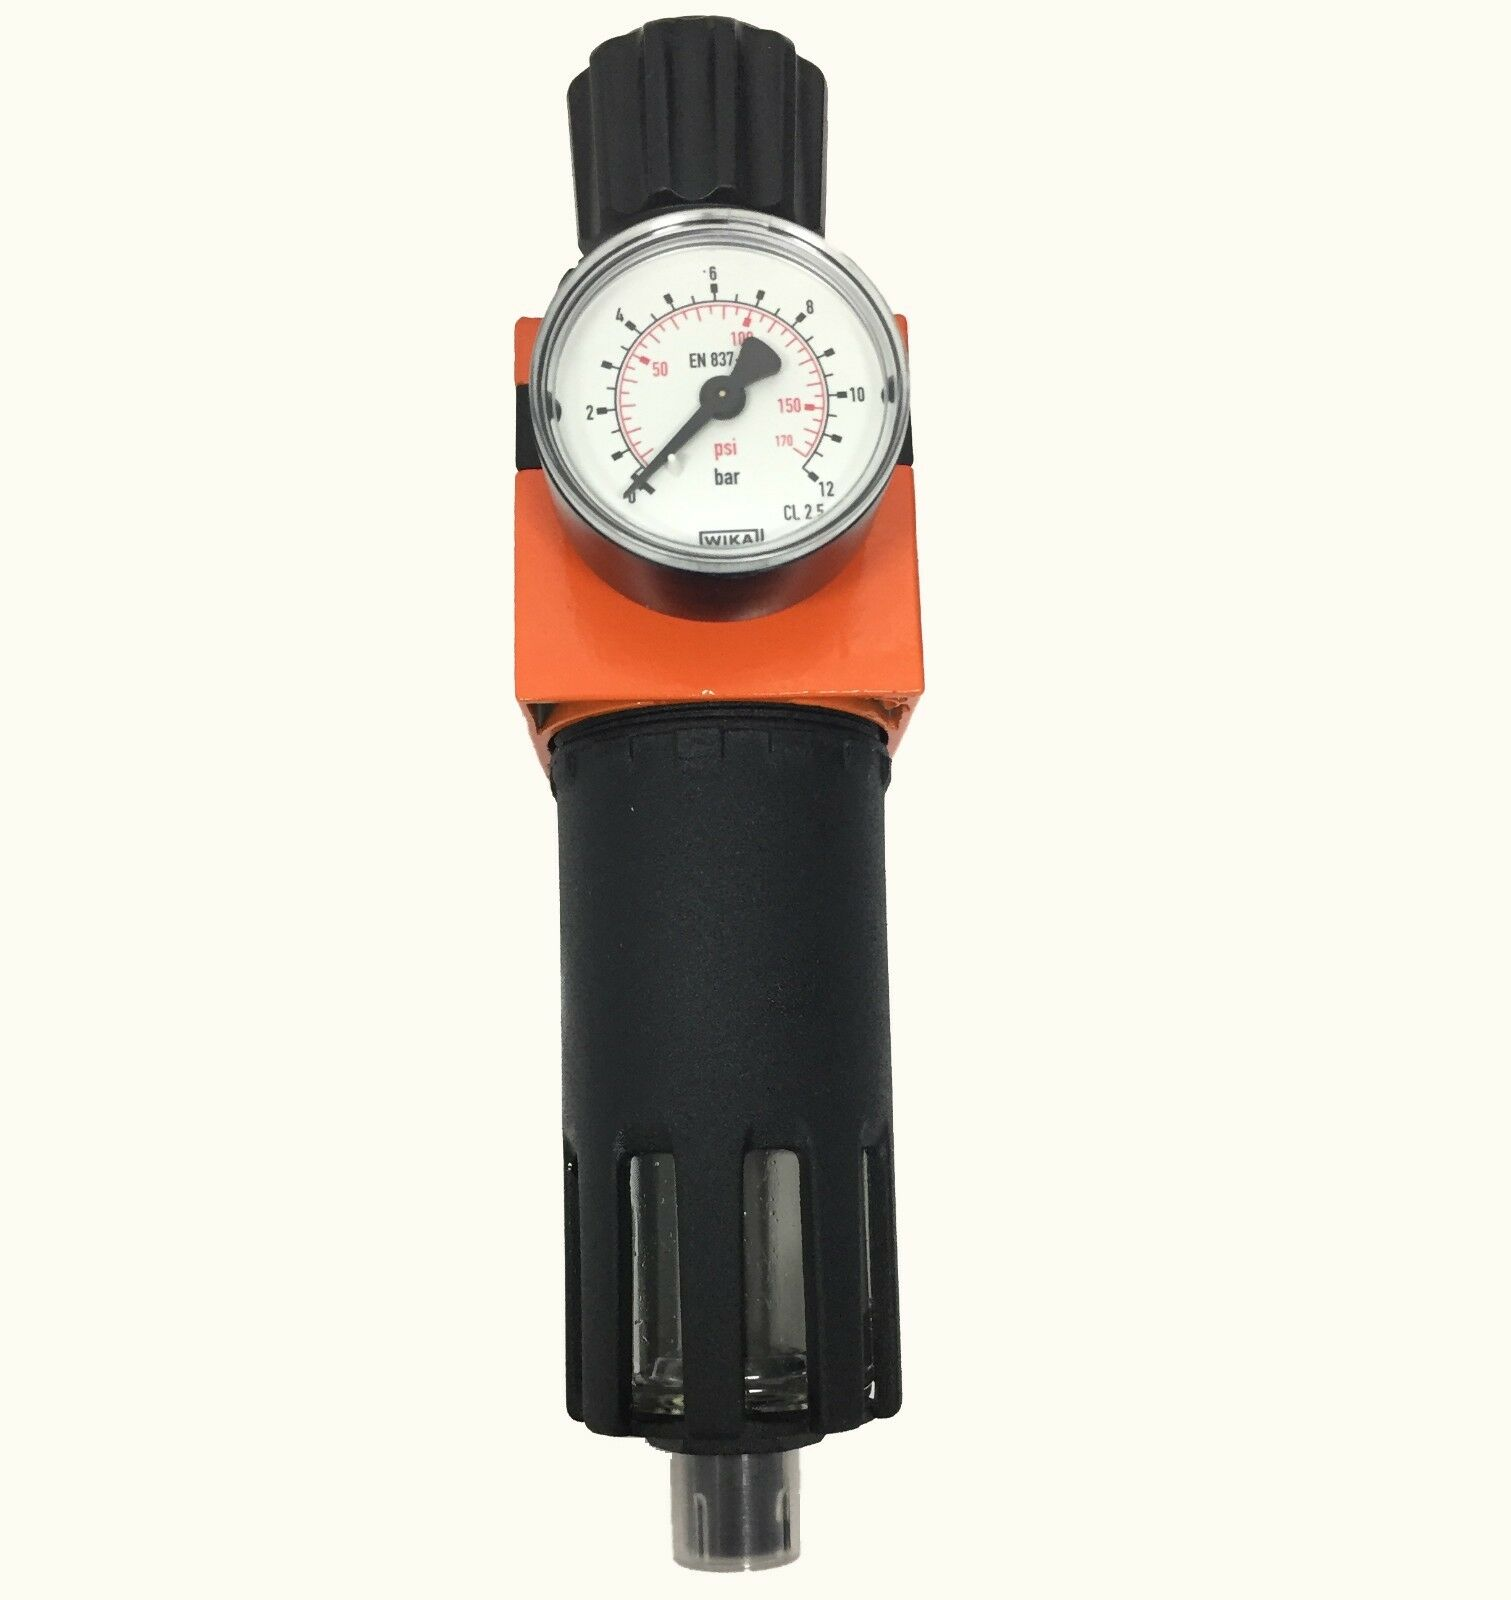 Filtro regulador rojouctor presión de aire para compresor 3 8  taza metal